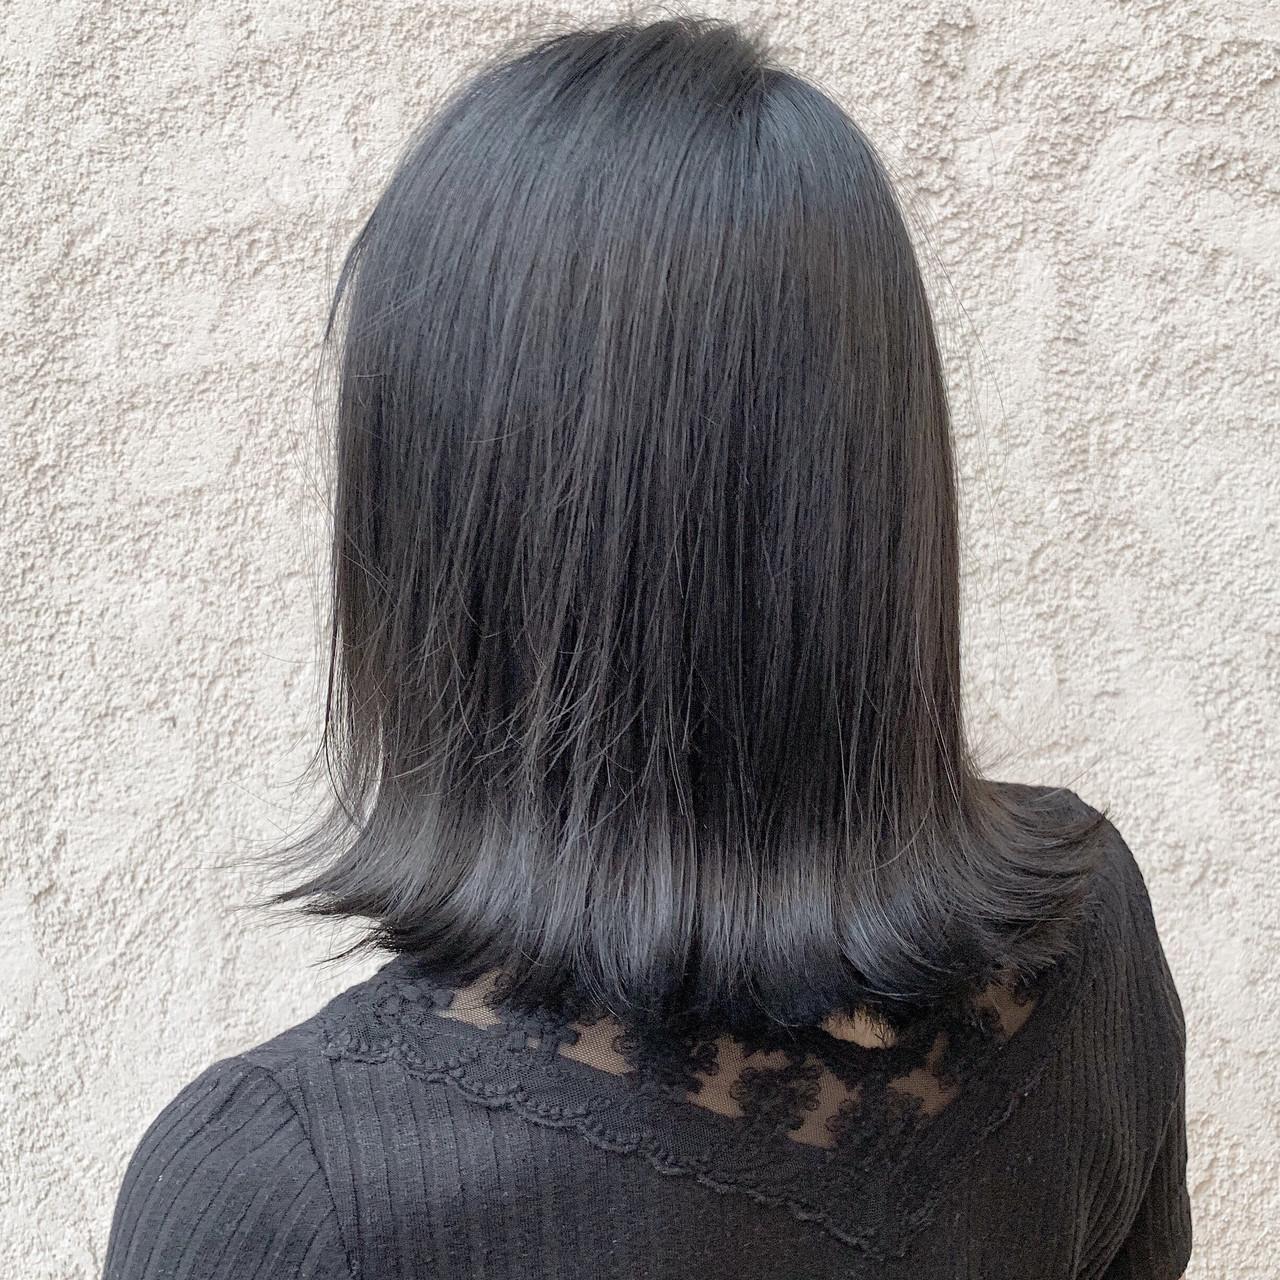 ボブ ナチュラル ブリーチなし 透明感カラー ヘアスタイルや髪型の写真・画像 | 川口楓也 / SALOWIN表参道